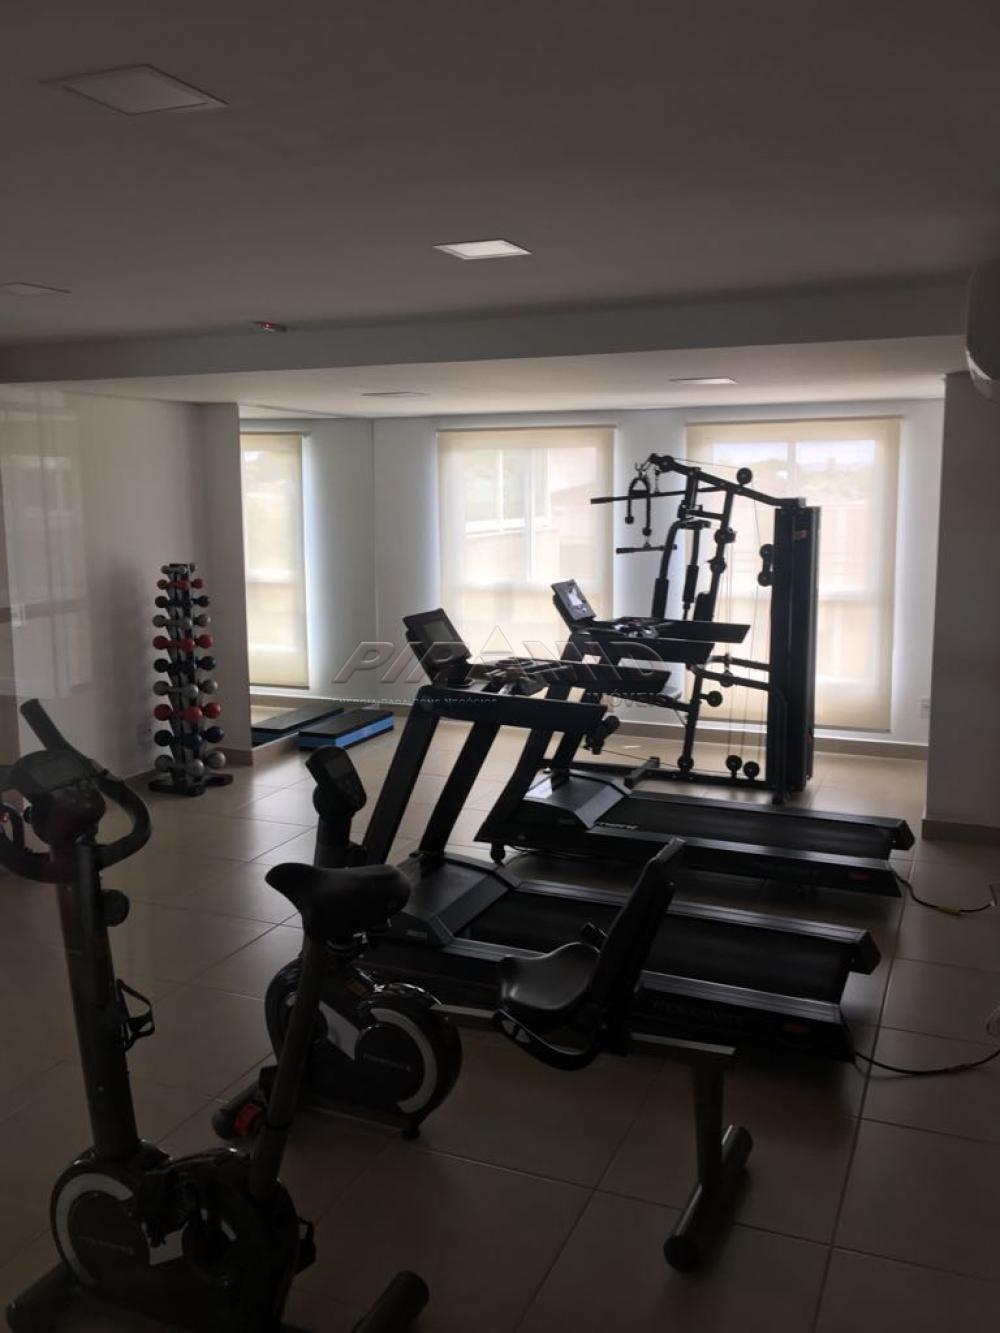 Comprar Apartamento / Padrão em Ribeirão Preto R$ 415.000,00 - Foto 27